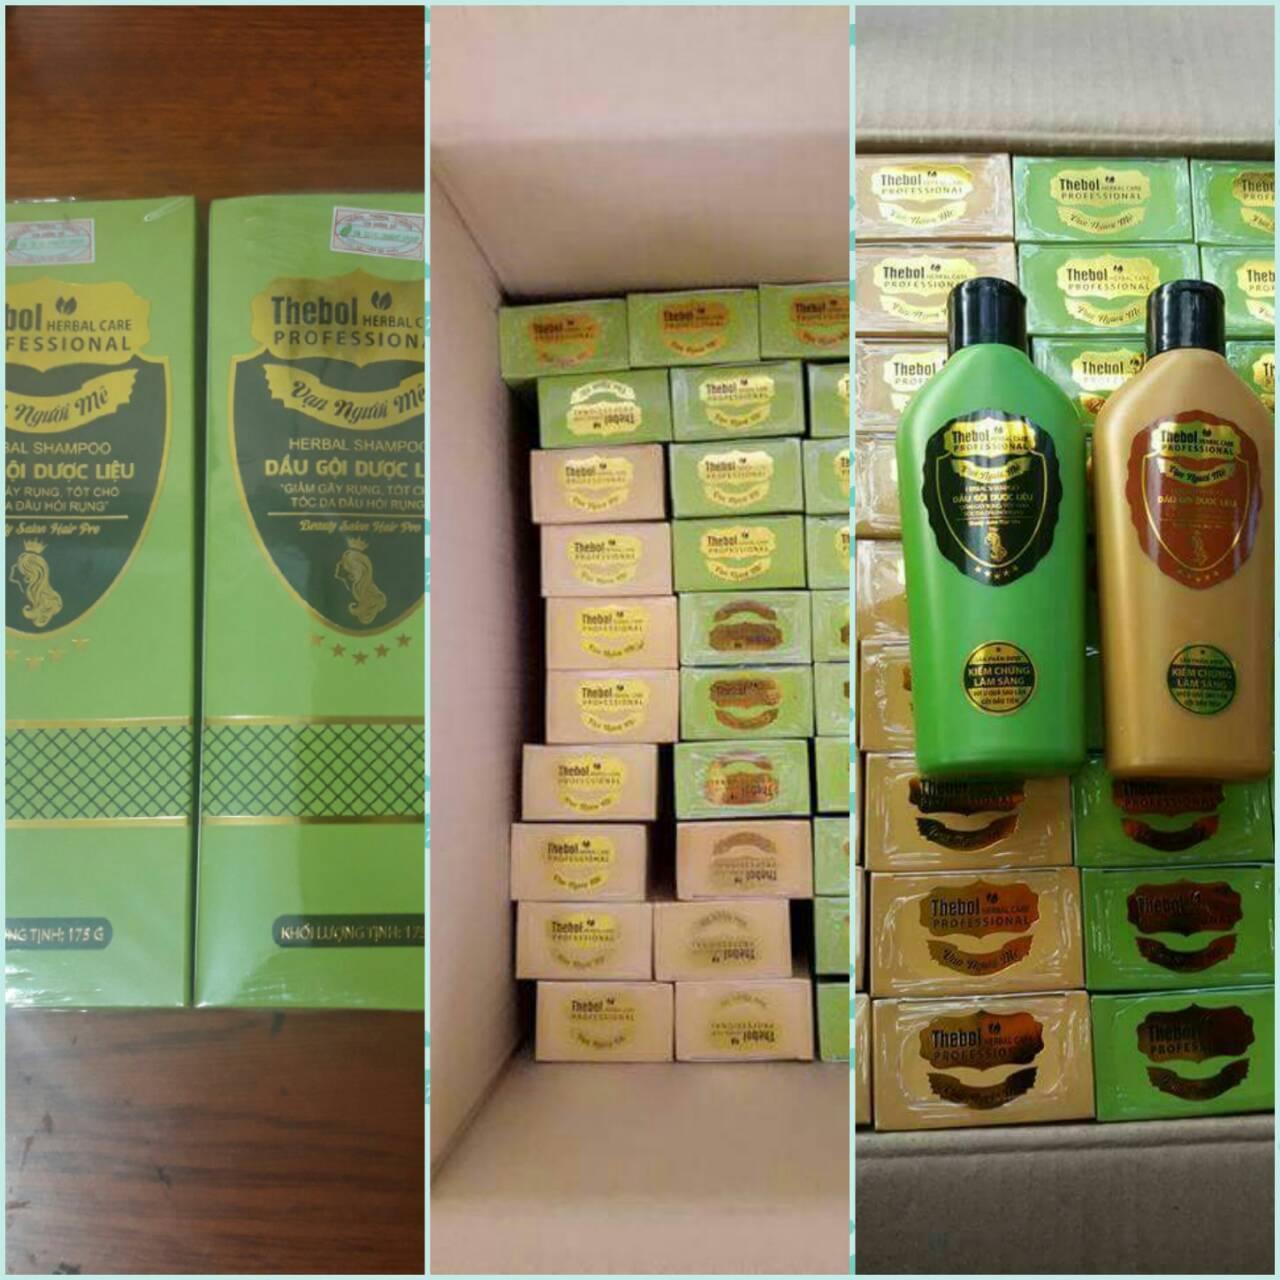 15 chai dầu gội dược liêu chuyên trị gàu/ rụng tóc   lh: 0944.700717 giá rẻ